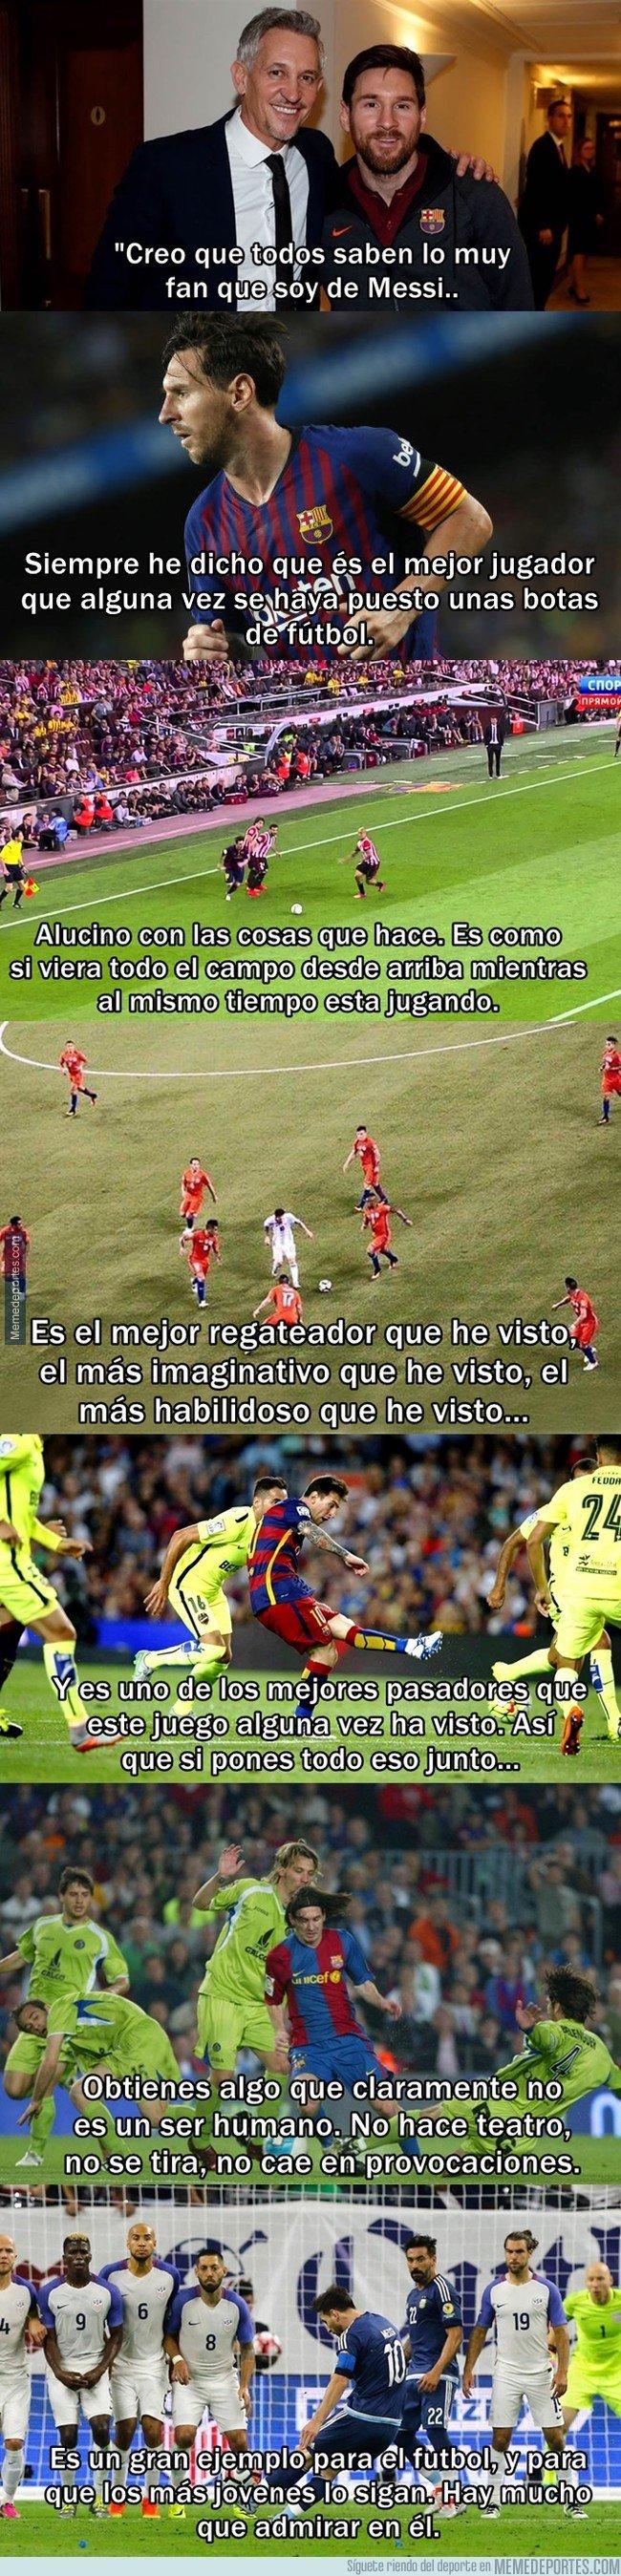 1052011 - Lineker hablando sobre Messi